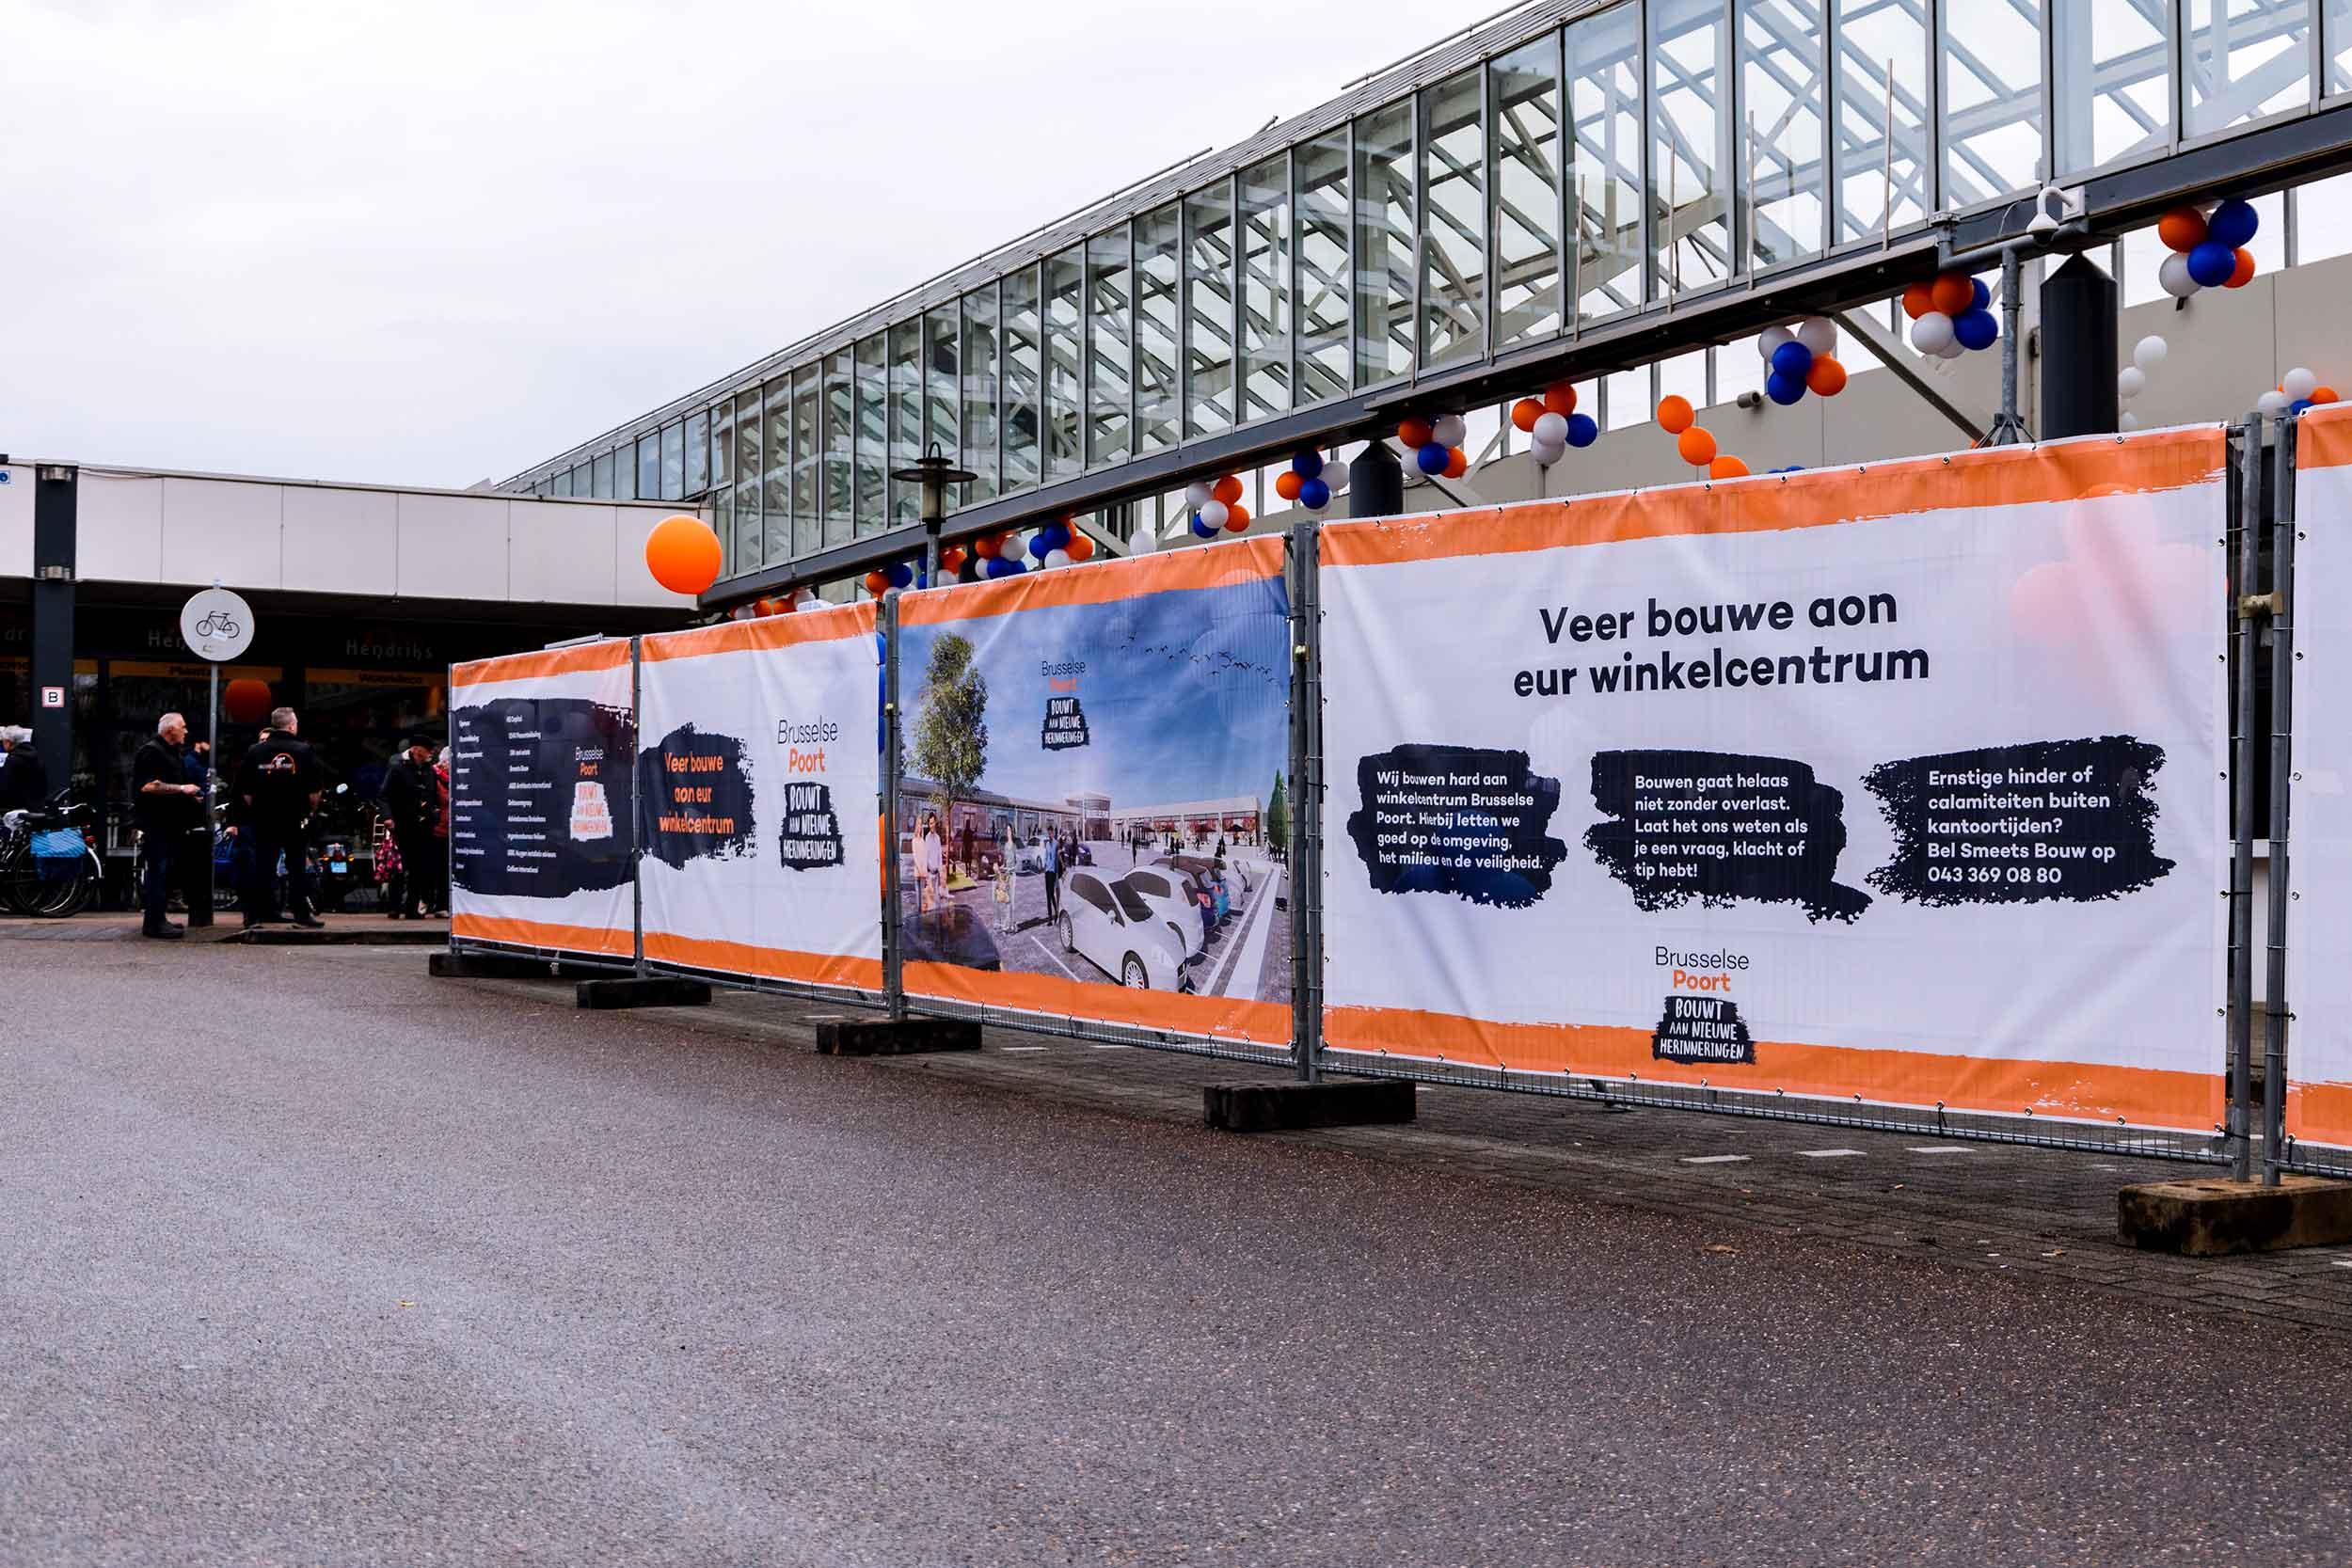 Brusselse Poort bouwdoeken heropening © Urban Solutions (story telling - campagne)